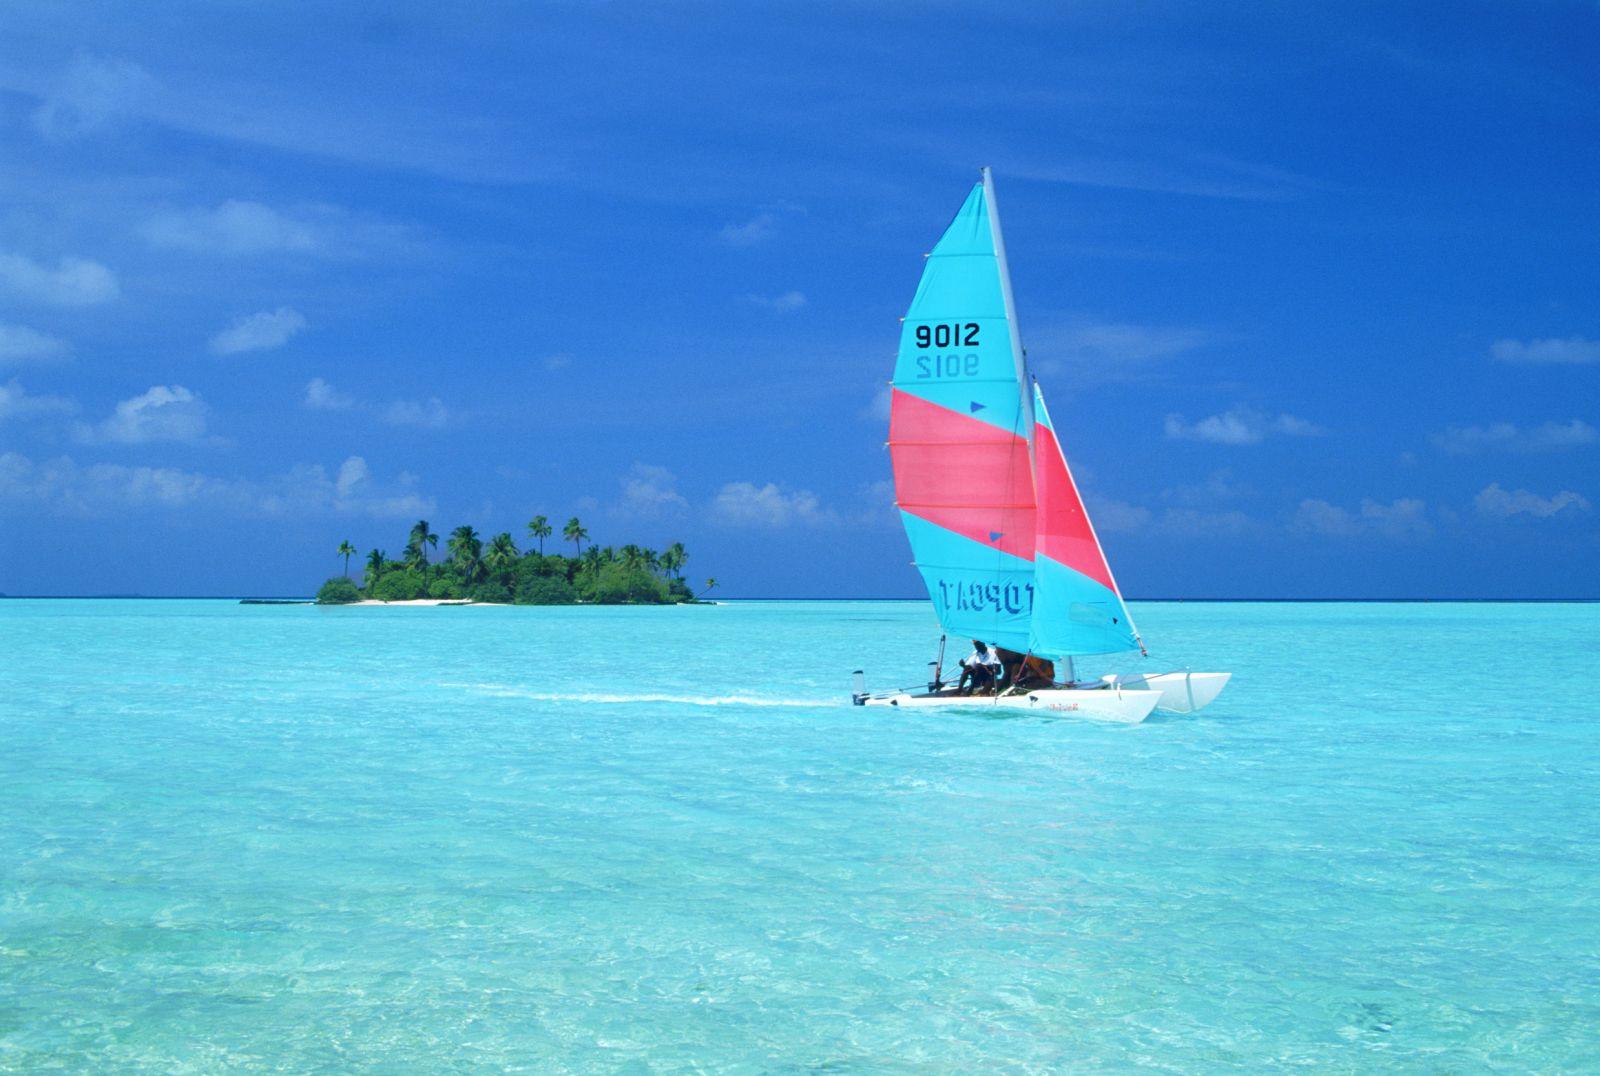 Thể thao dưới nước Maldives – Trải nghiệm hấp dẫn cho kì nghỉ của bạn